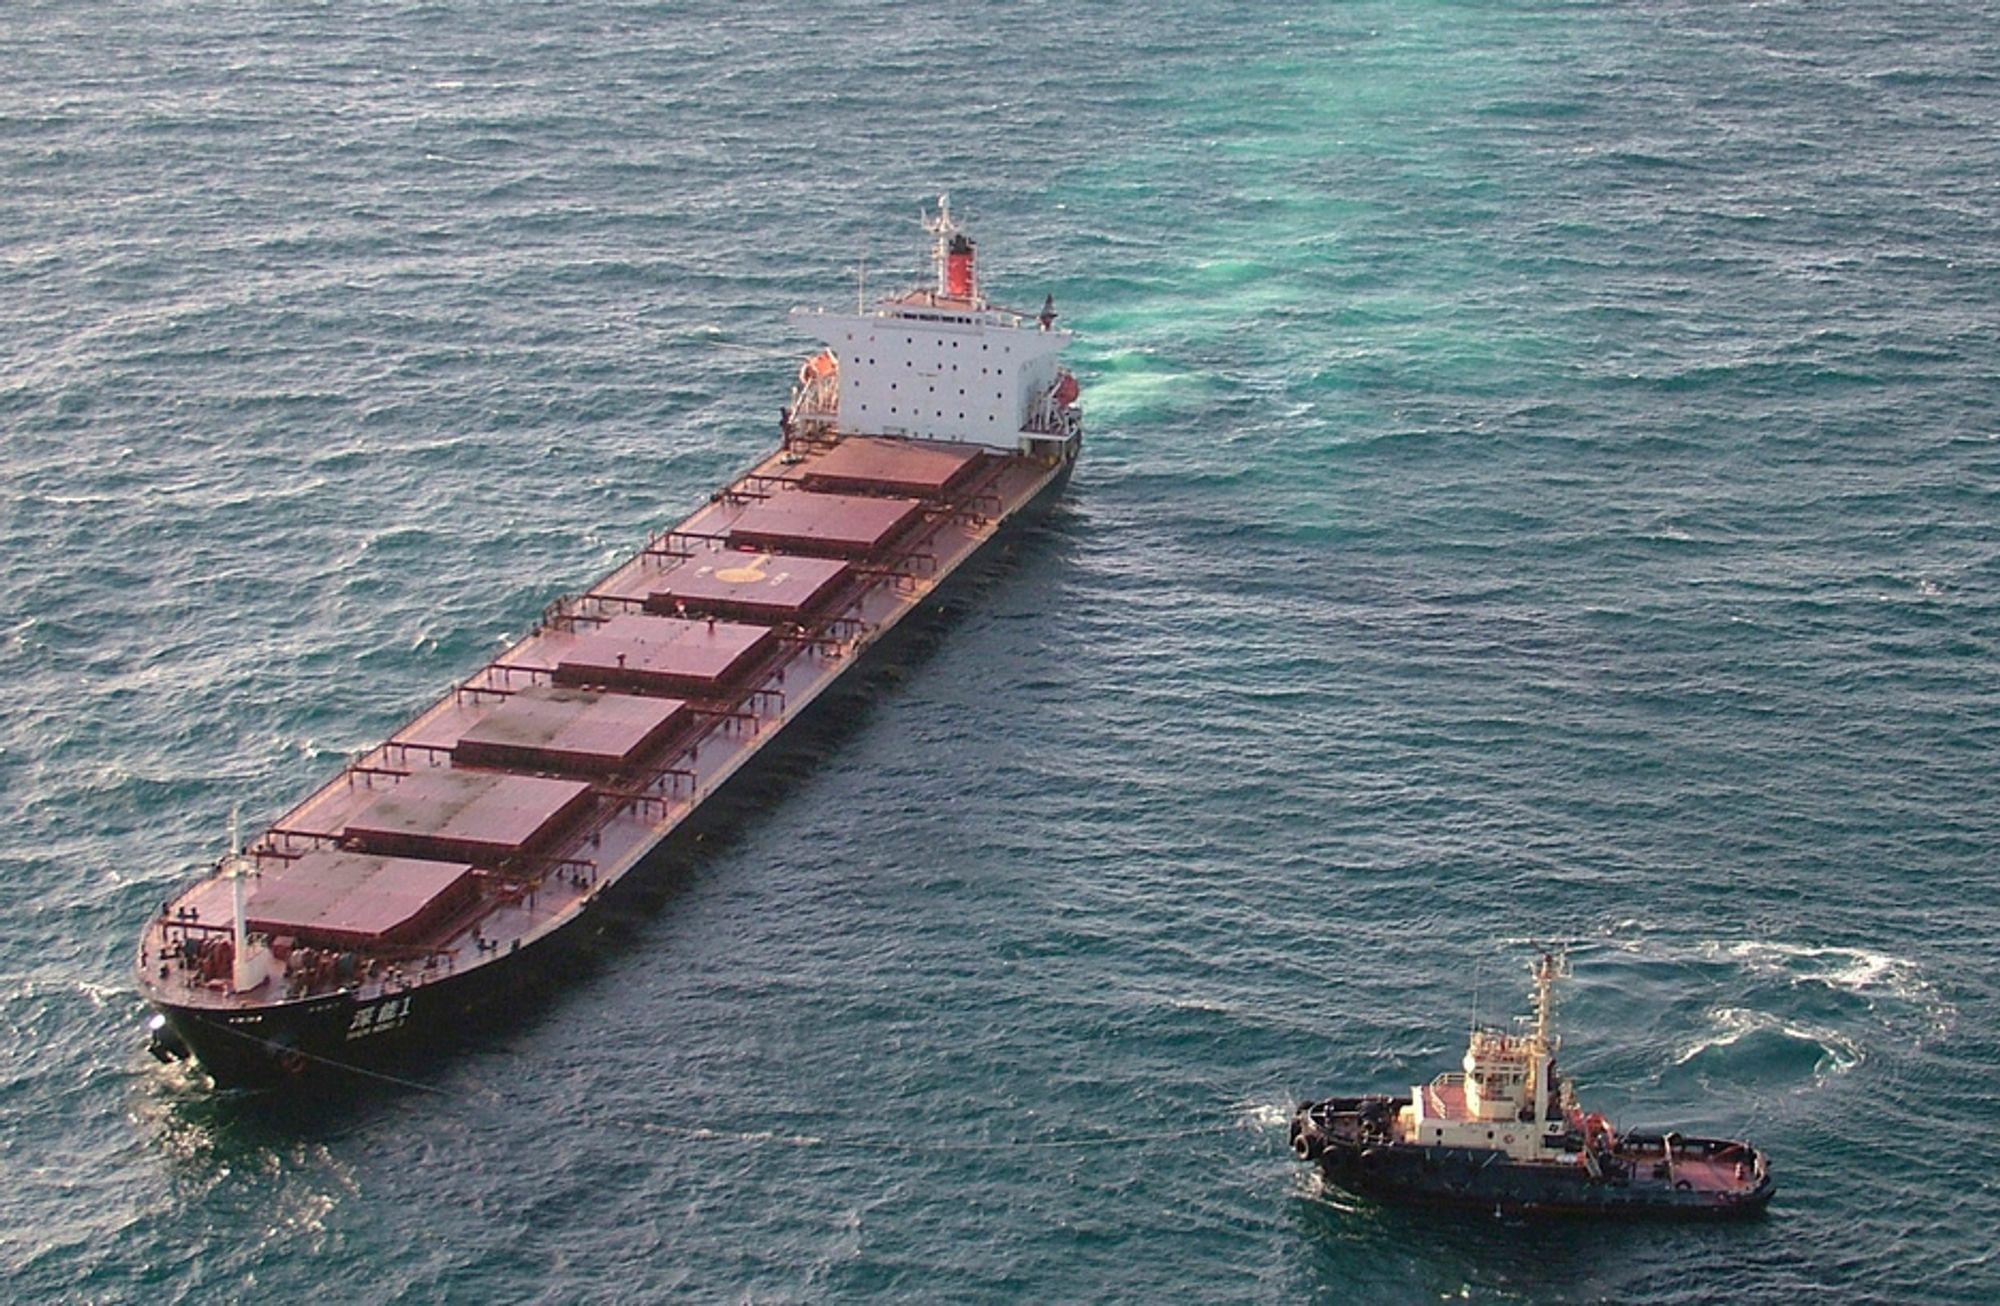 Shen Neng 1 ligger på grunn ved Great Barrier Reef. Operasjonen med å slepe skipet av korallrevet begynte onsdag.